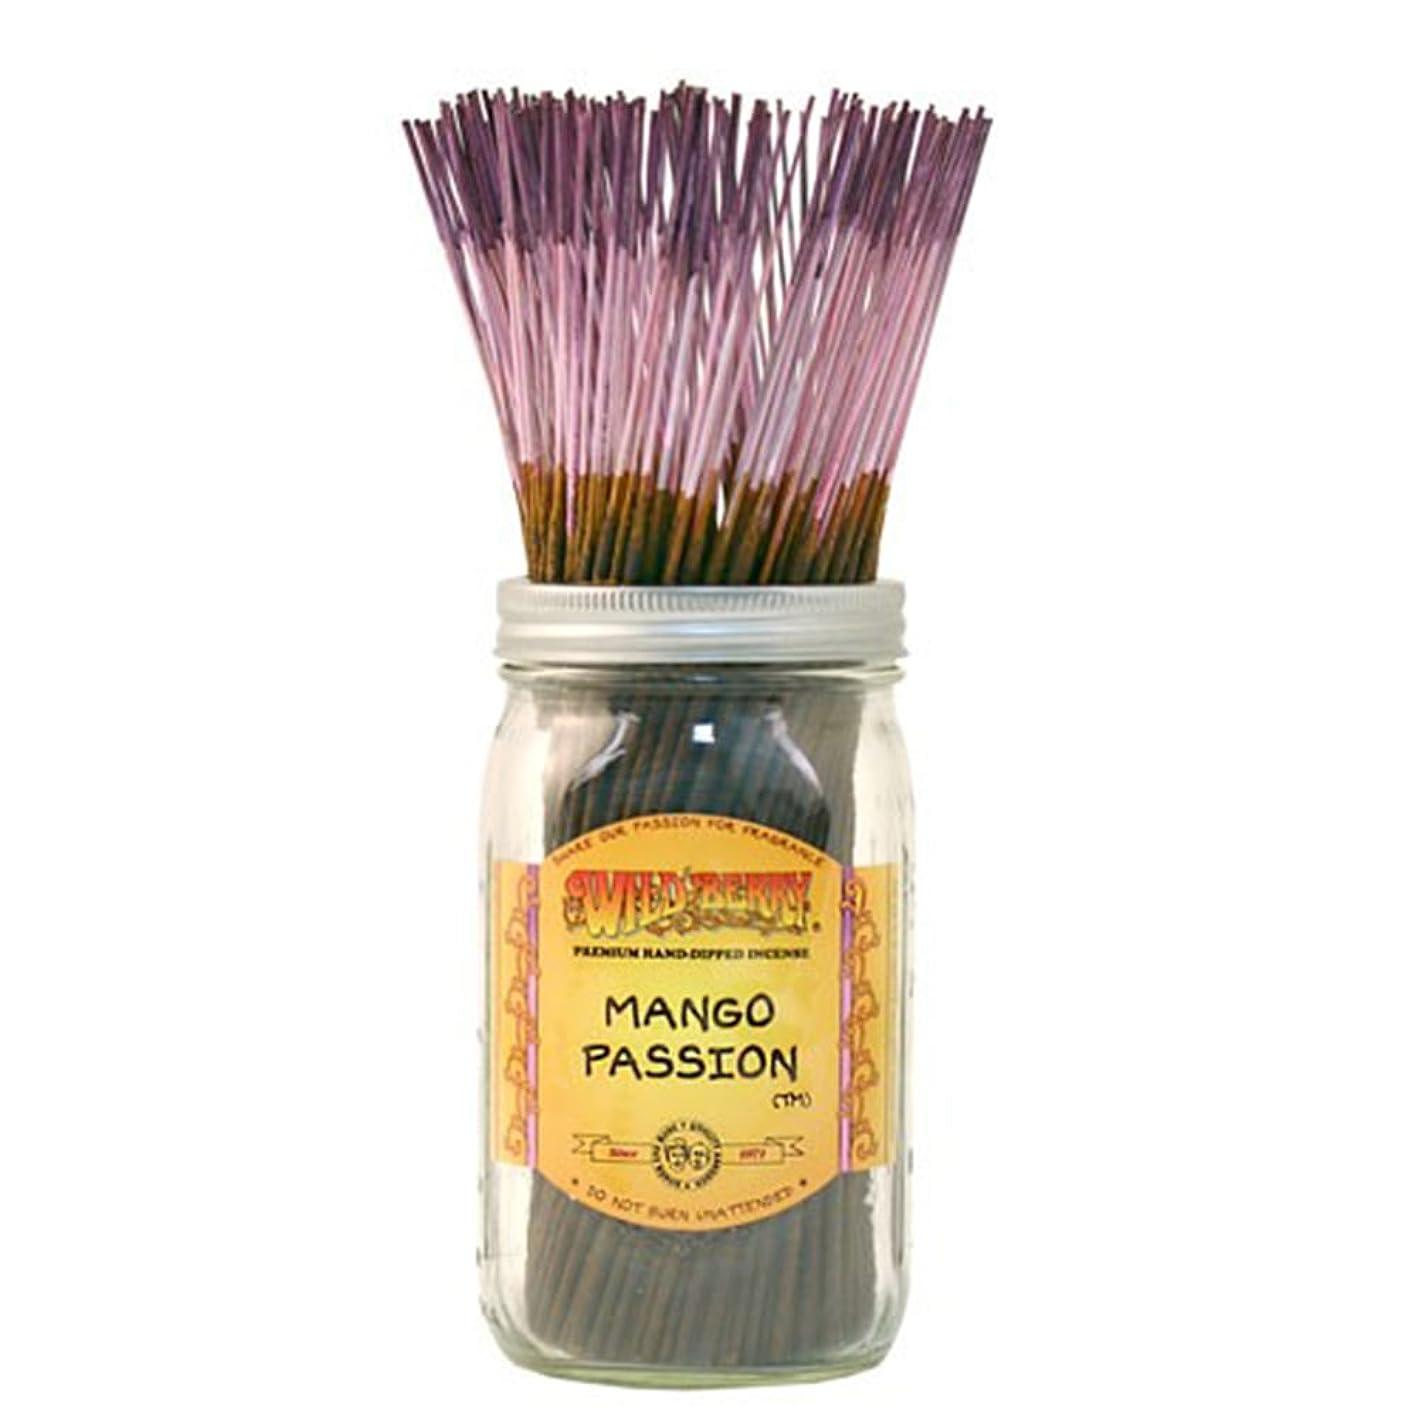 ジュニアエステートスリルWild Berry Mango Passion, Highly Fragranced Incense Sticksバルクパック、100ピース、11インチ